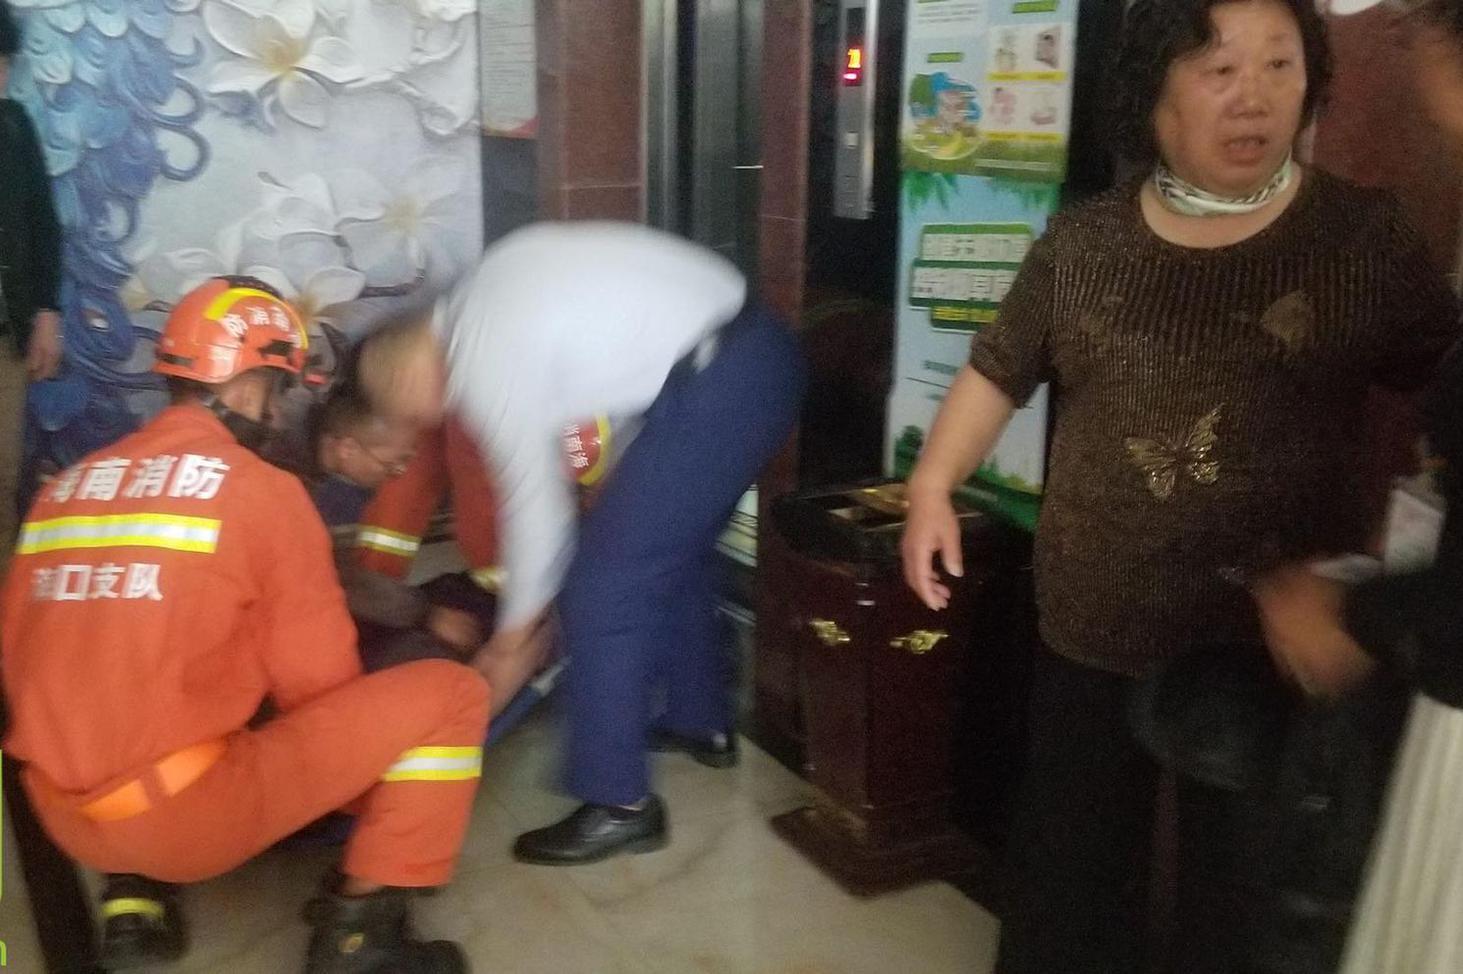 急急急!海口一酒店电梯发生故障多人被困 67岁老人陷入昏迷